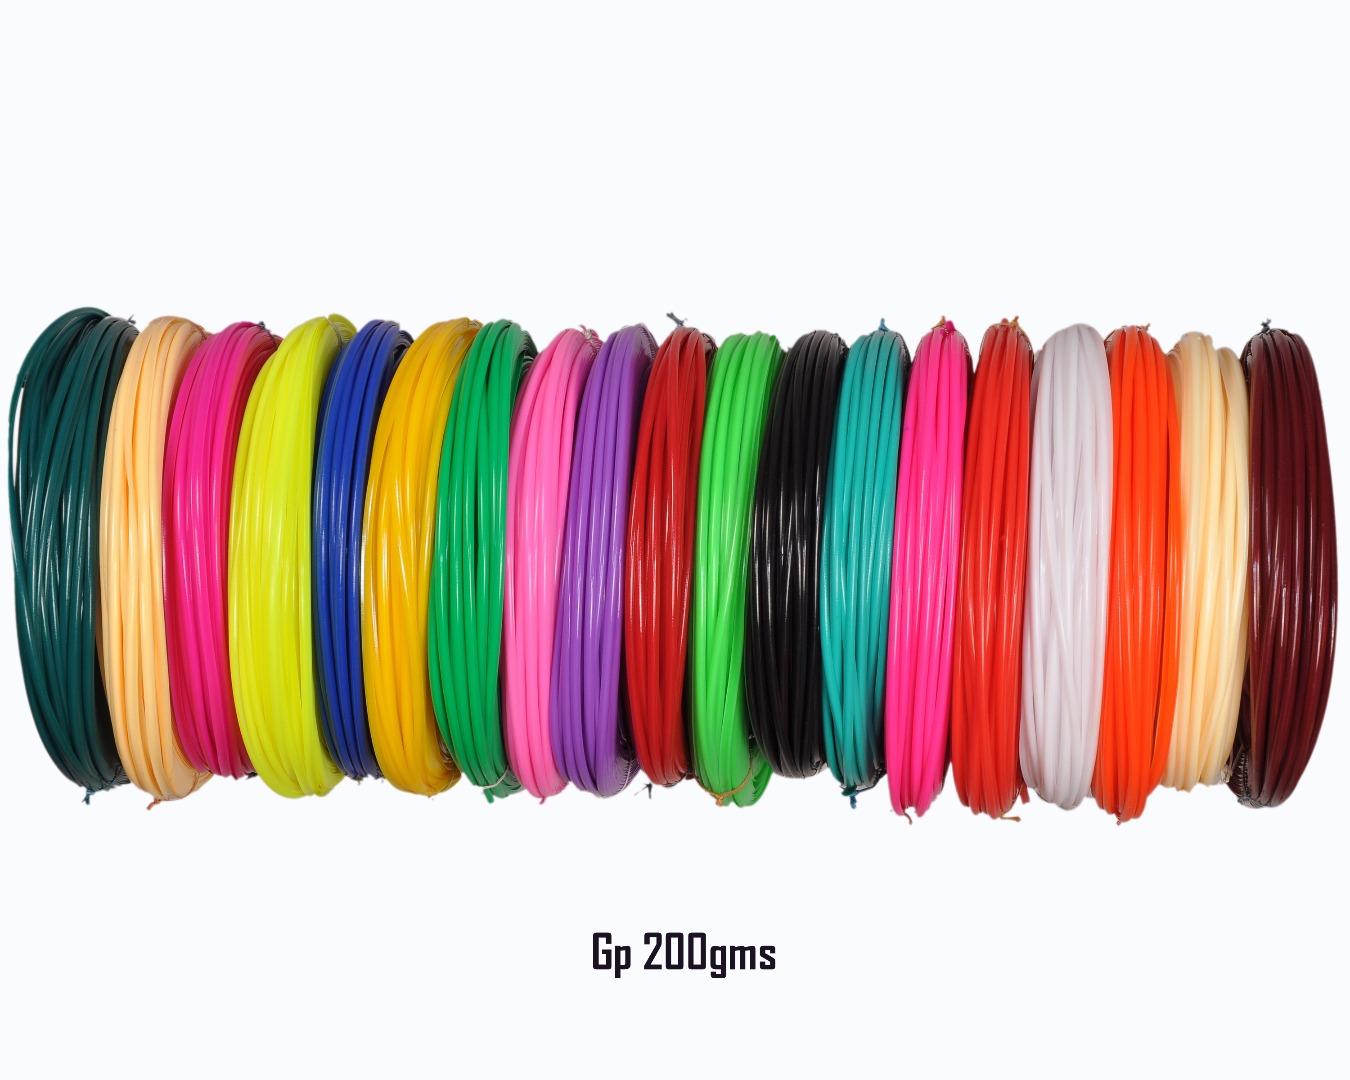 M. M. Plastic Industries